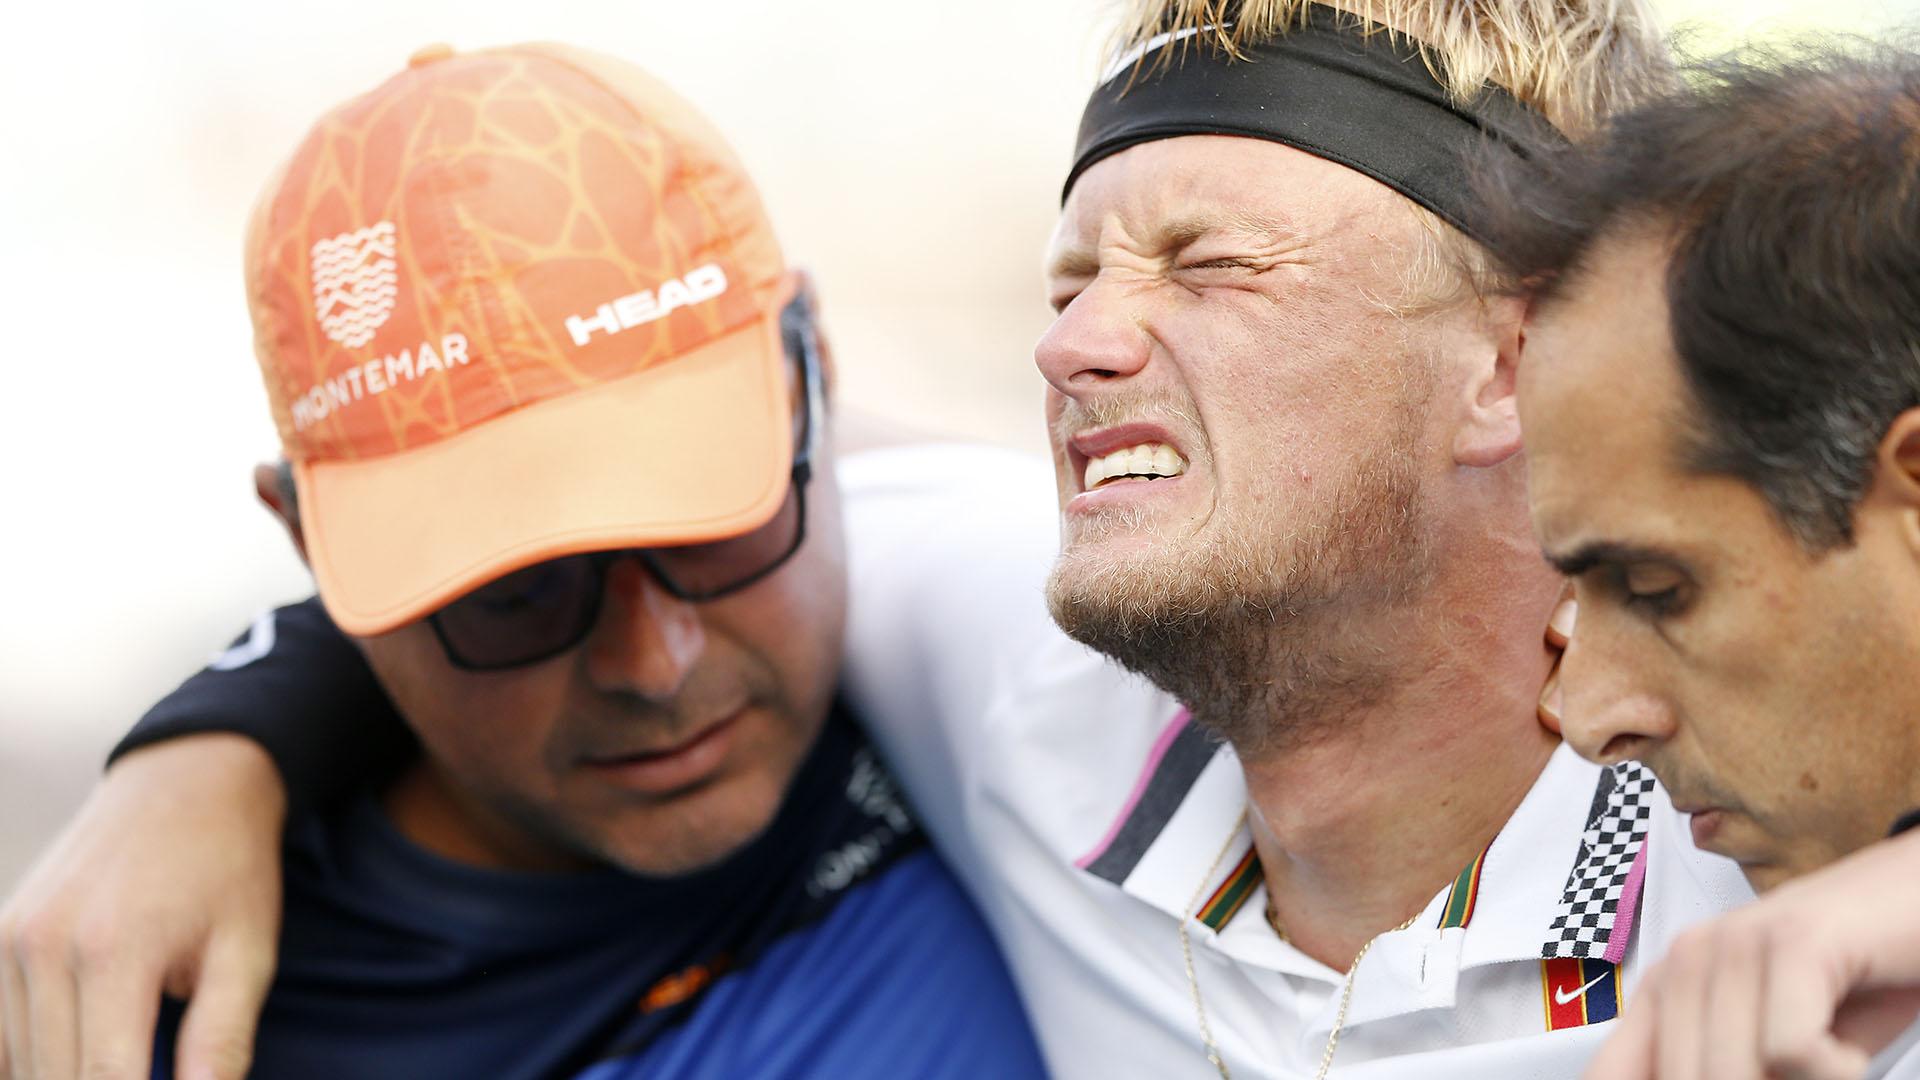 Nicola Kuhnabandonó la cancha entre lágrimas tras lesionarse en su partido anteMischa Zverev en el Abierto de Miami (AFP)